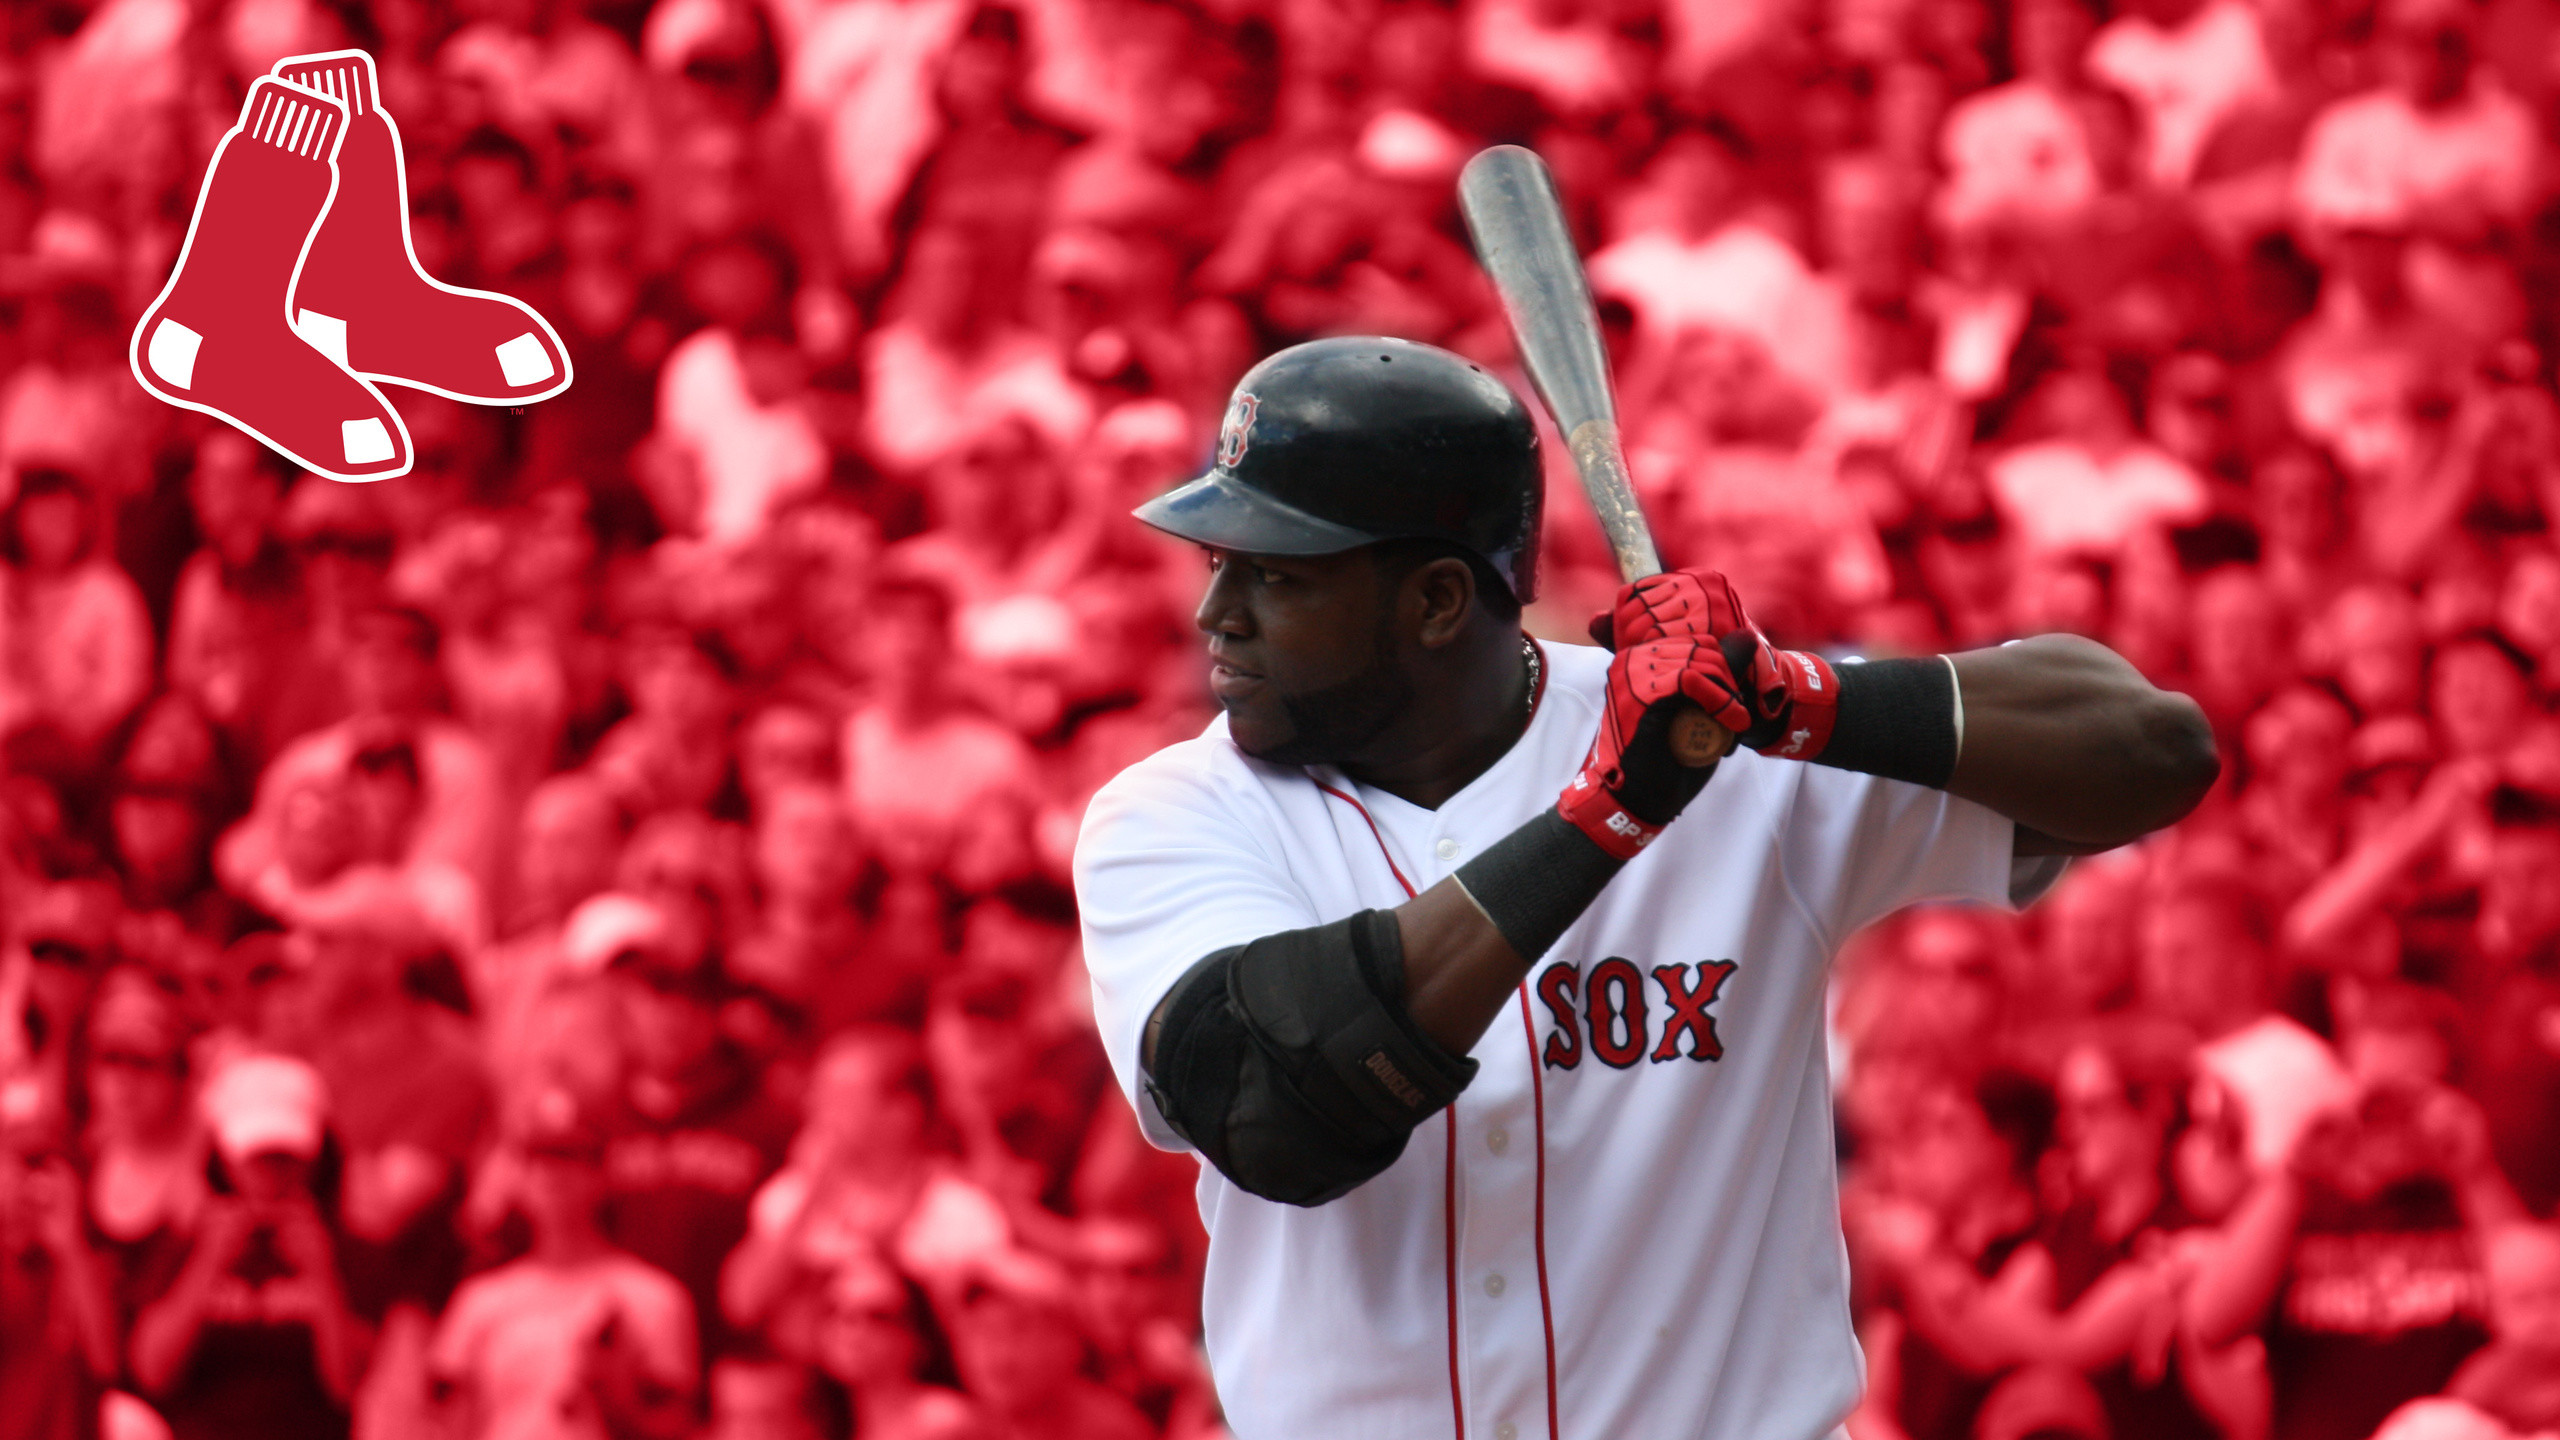 Baseball, Baseball Player, David Ortiz, Mlb, Boston Red Sox, David Ortiz